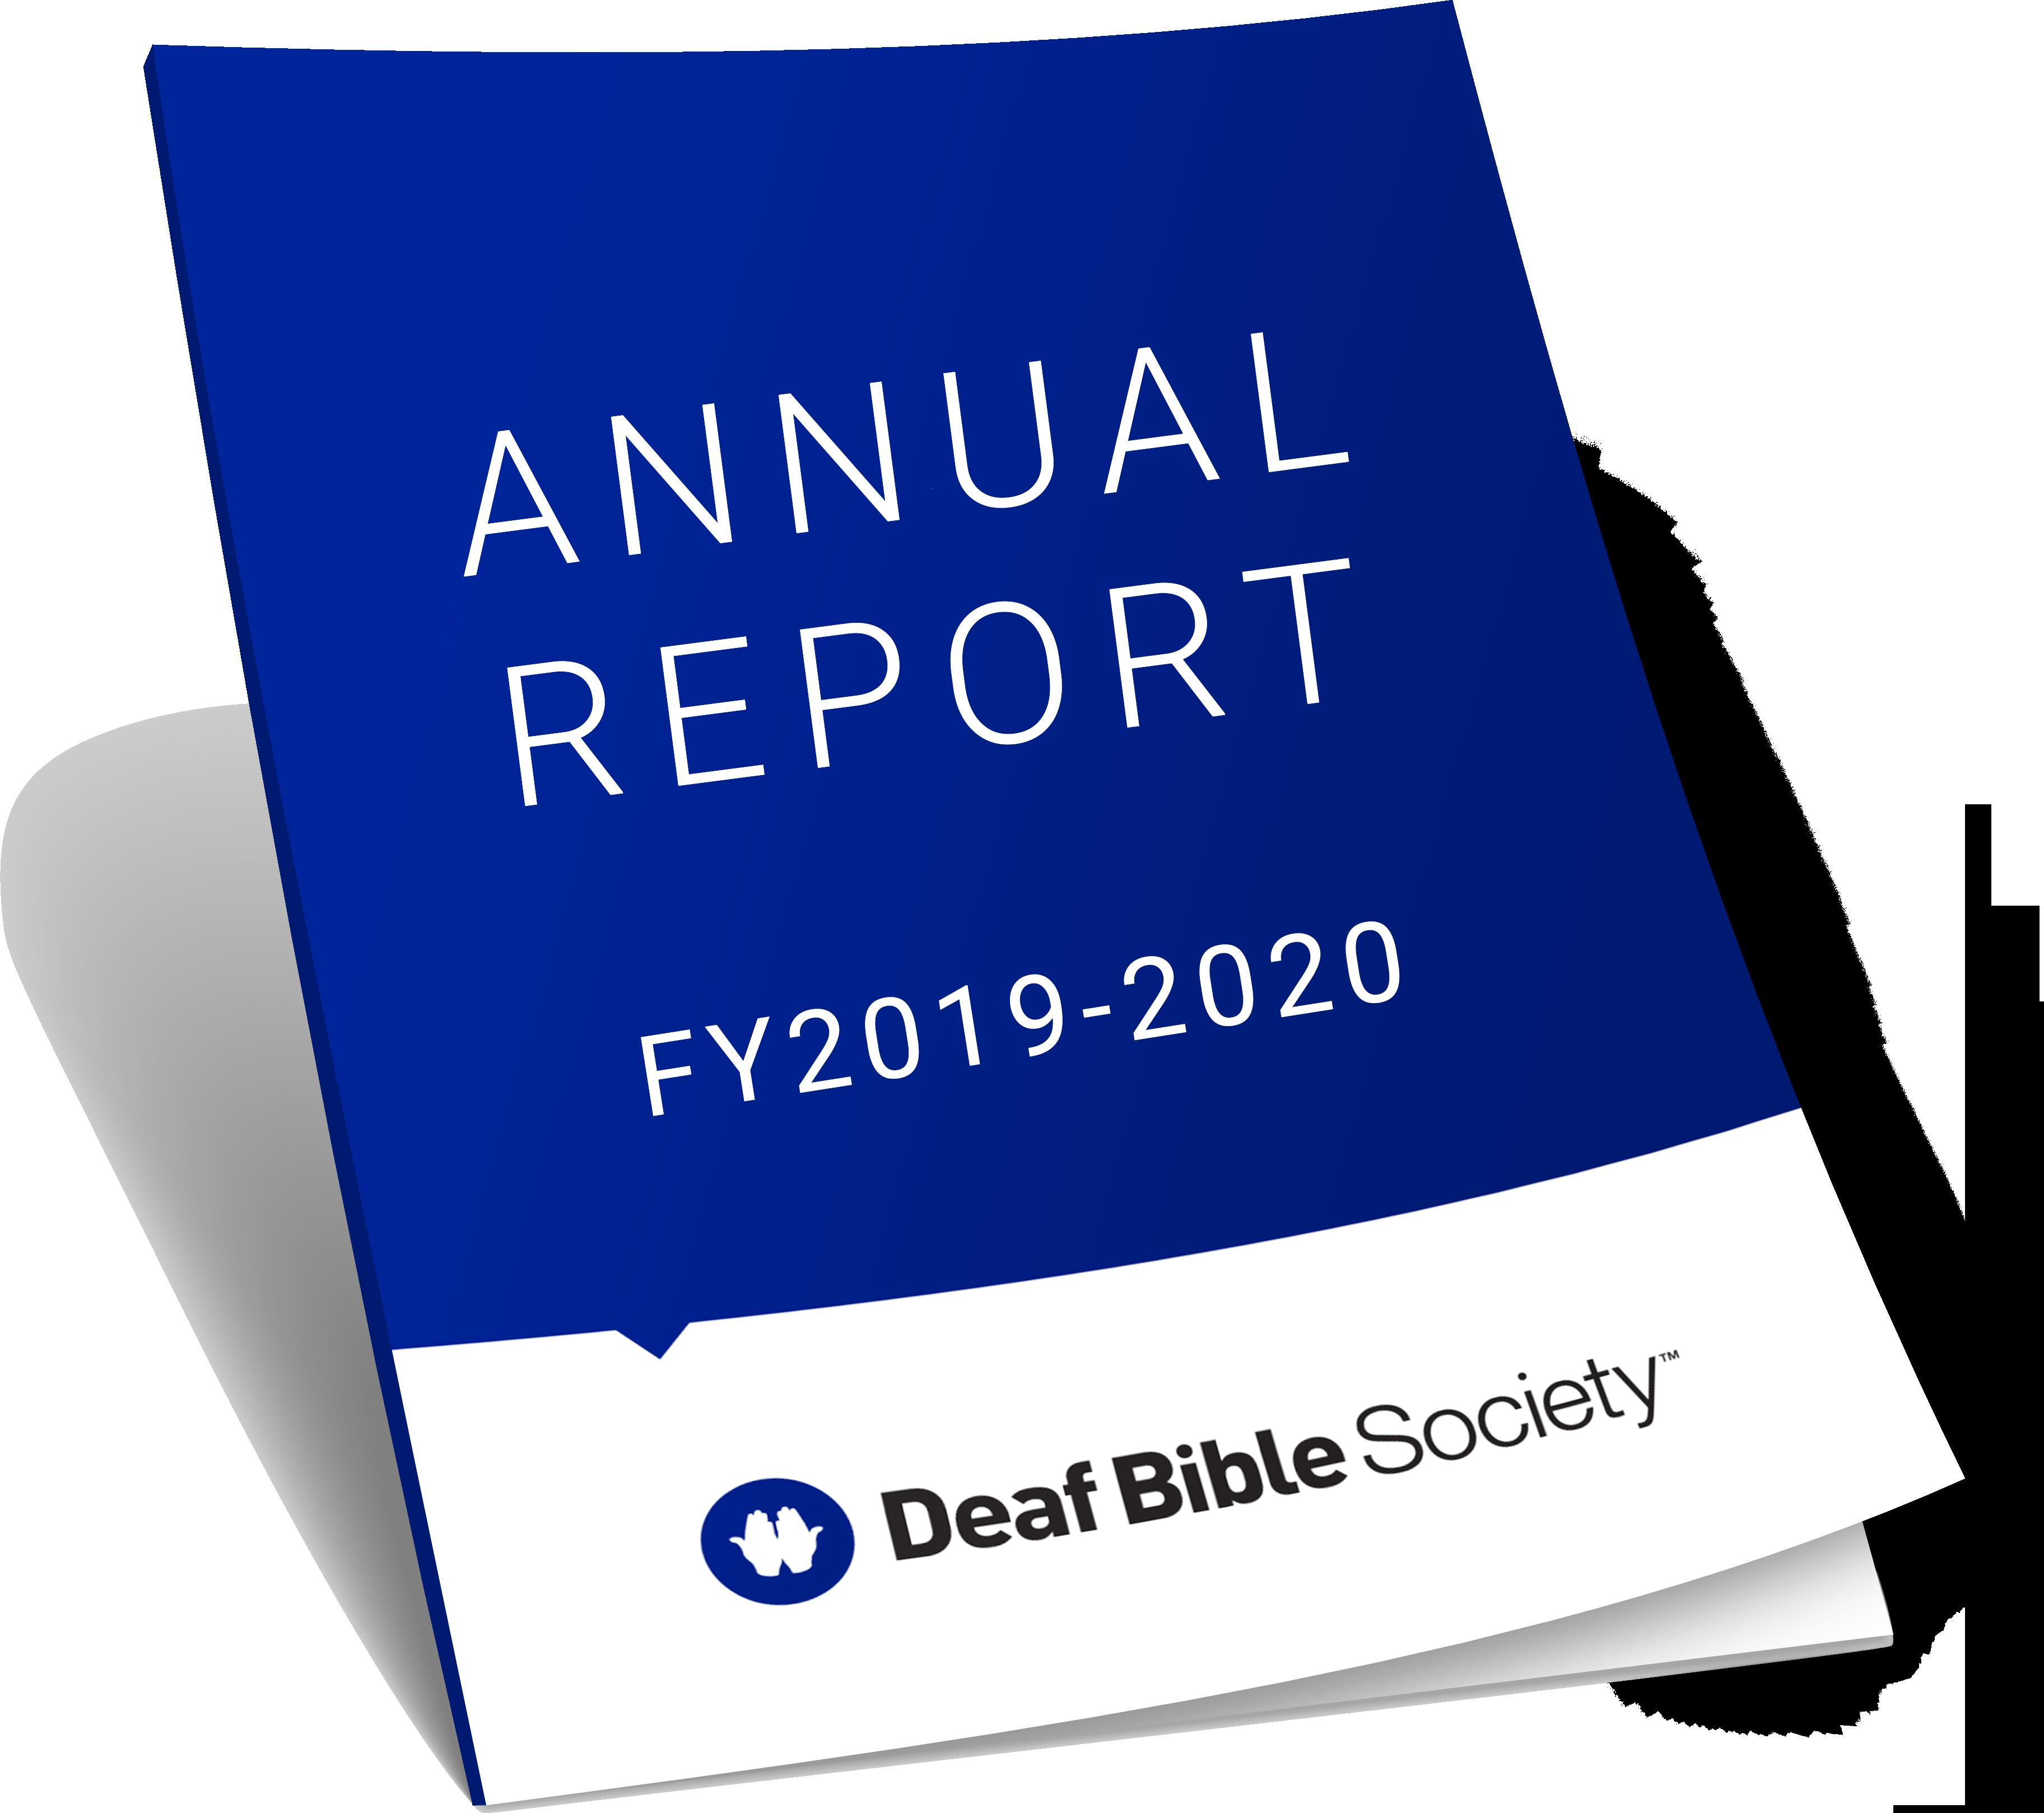 Annual Report Icon